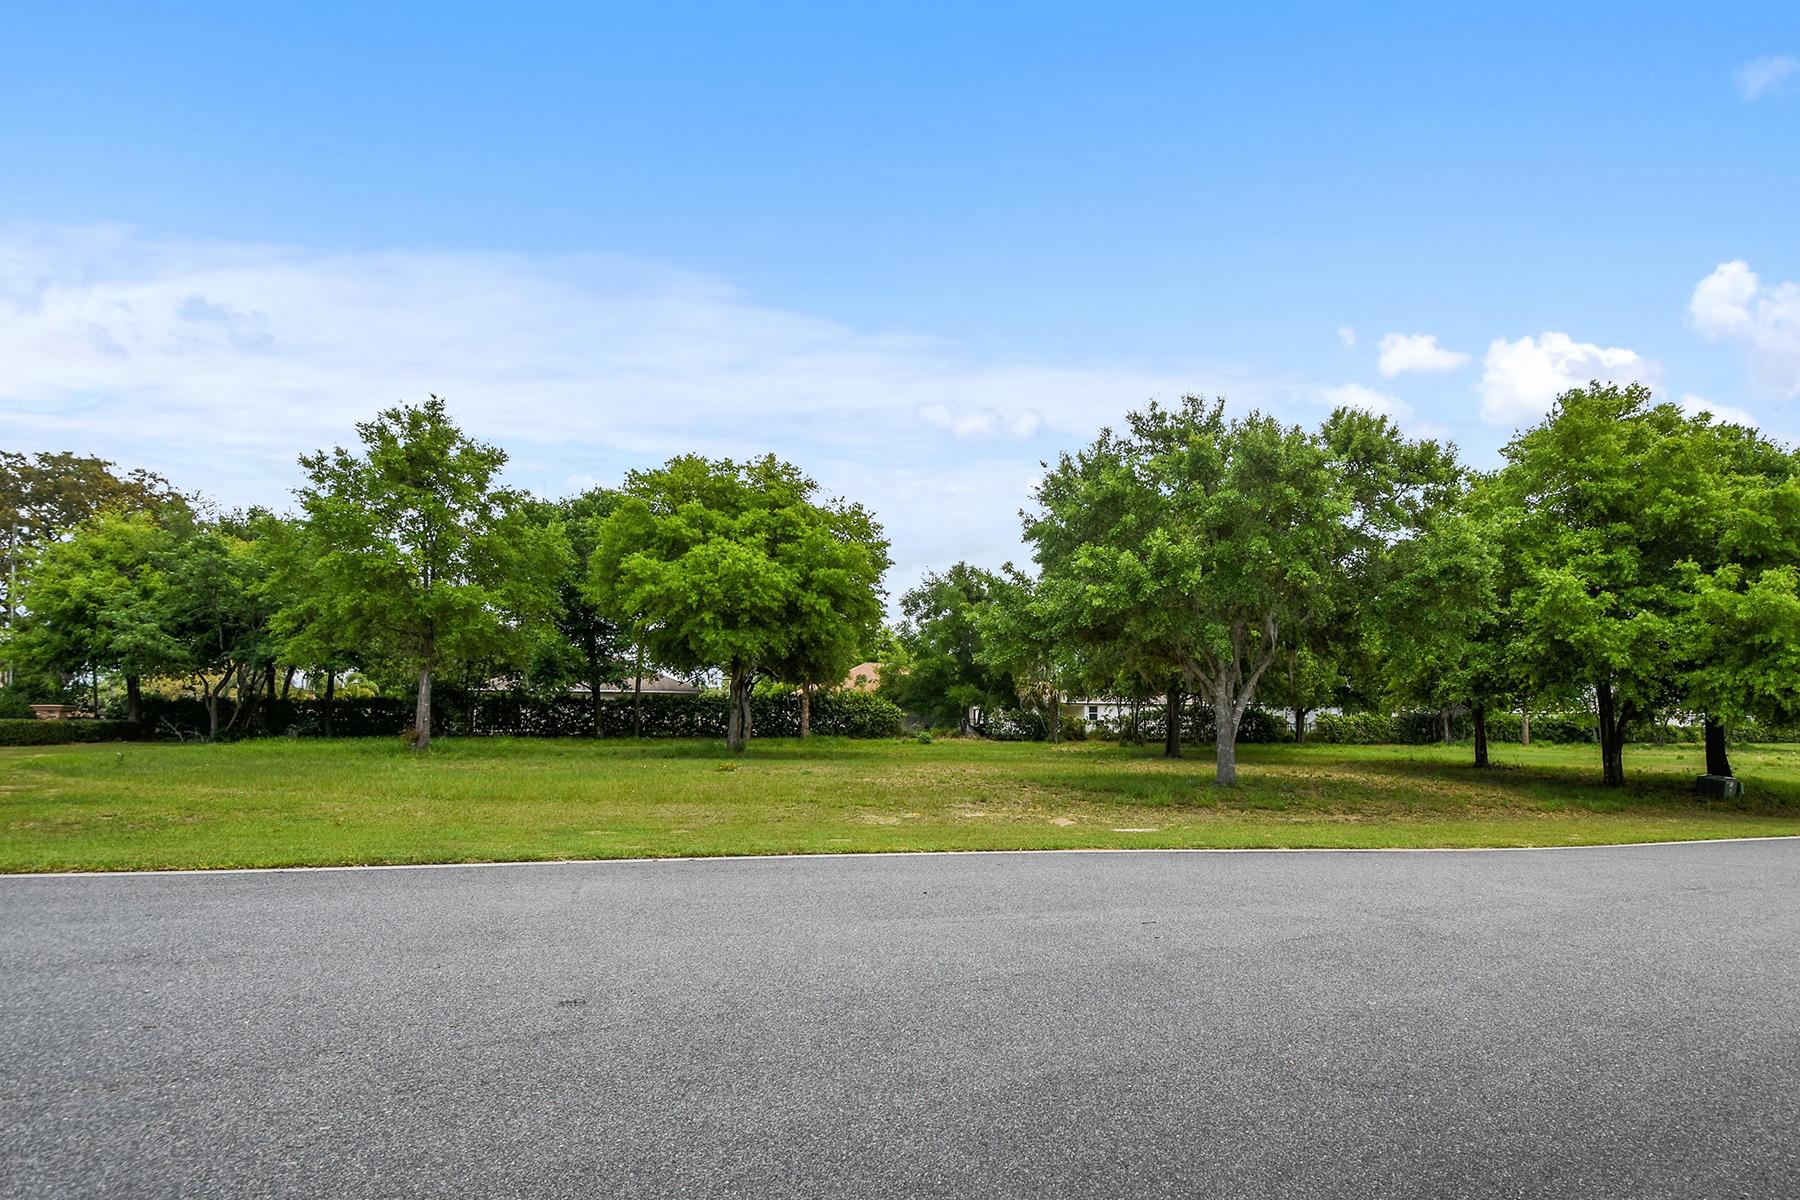 Land for Sale at ORLANDO - EUSTIS 213 Two Lakes Ln 1 Eustis, Florida, 32726 United States